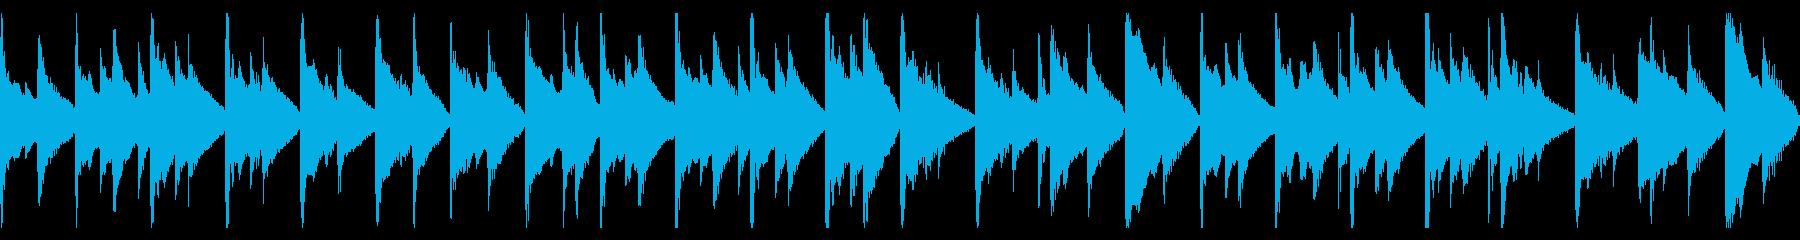 時計の音が印象的なピアノ&ベースBGMの再生済みの波形